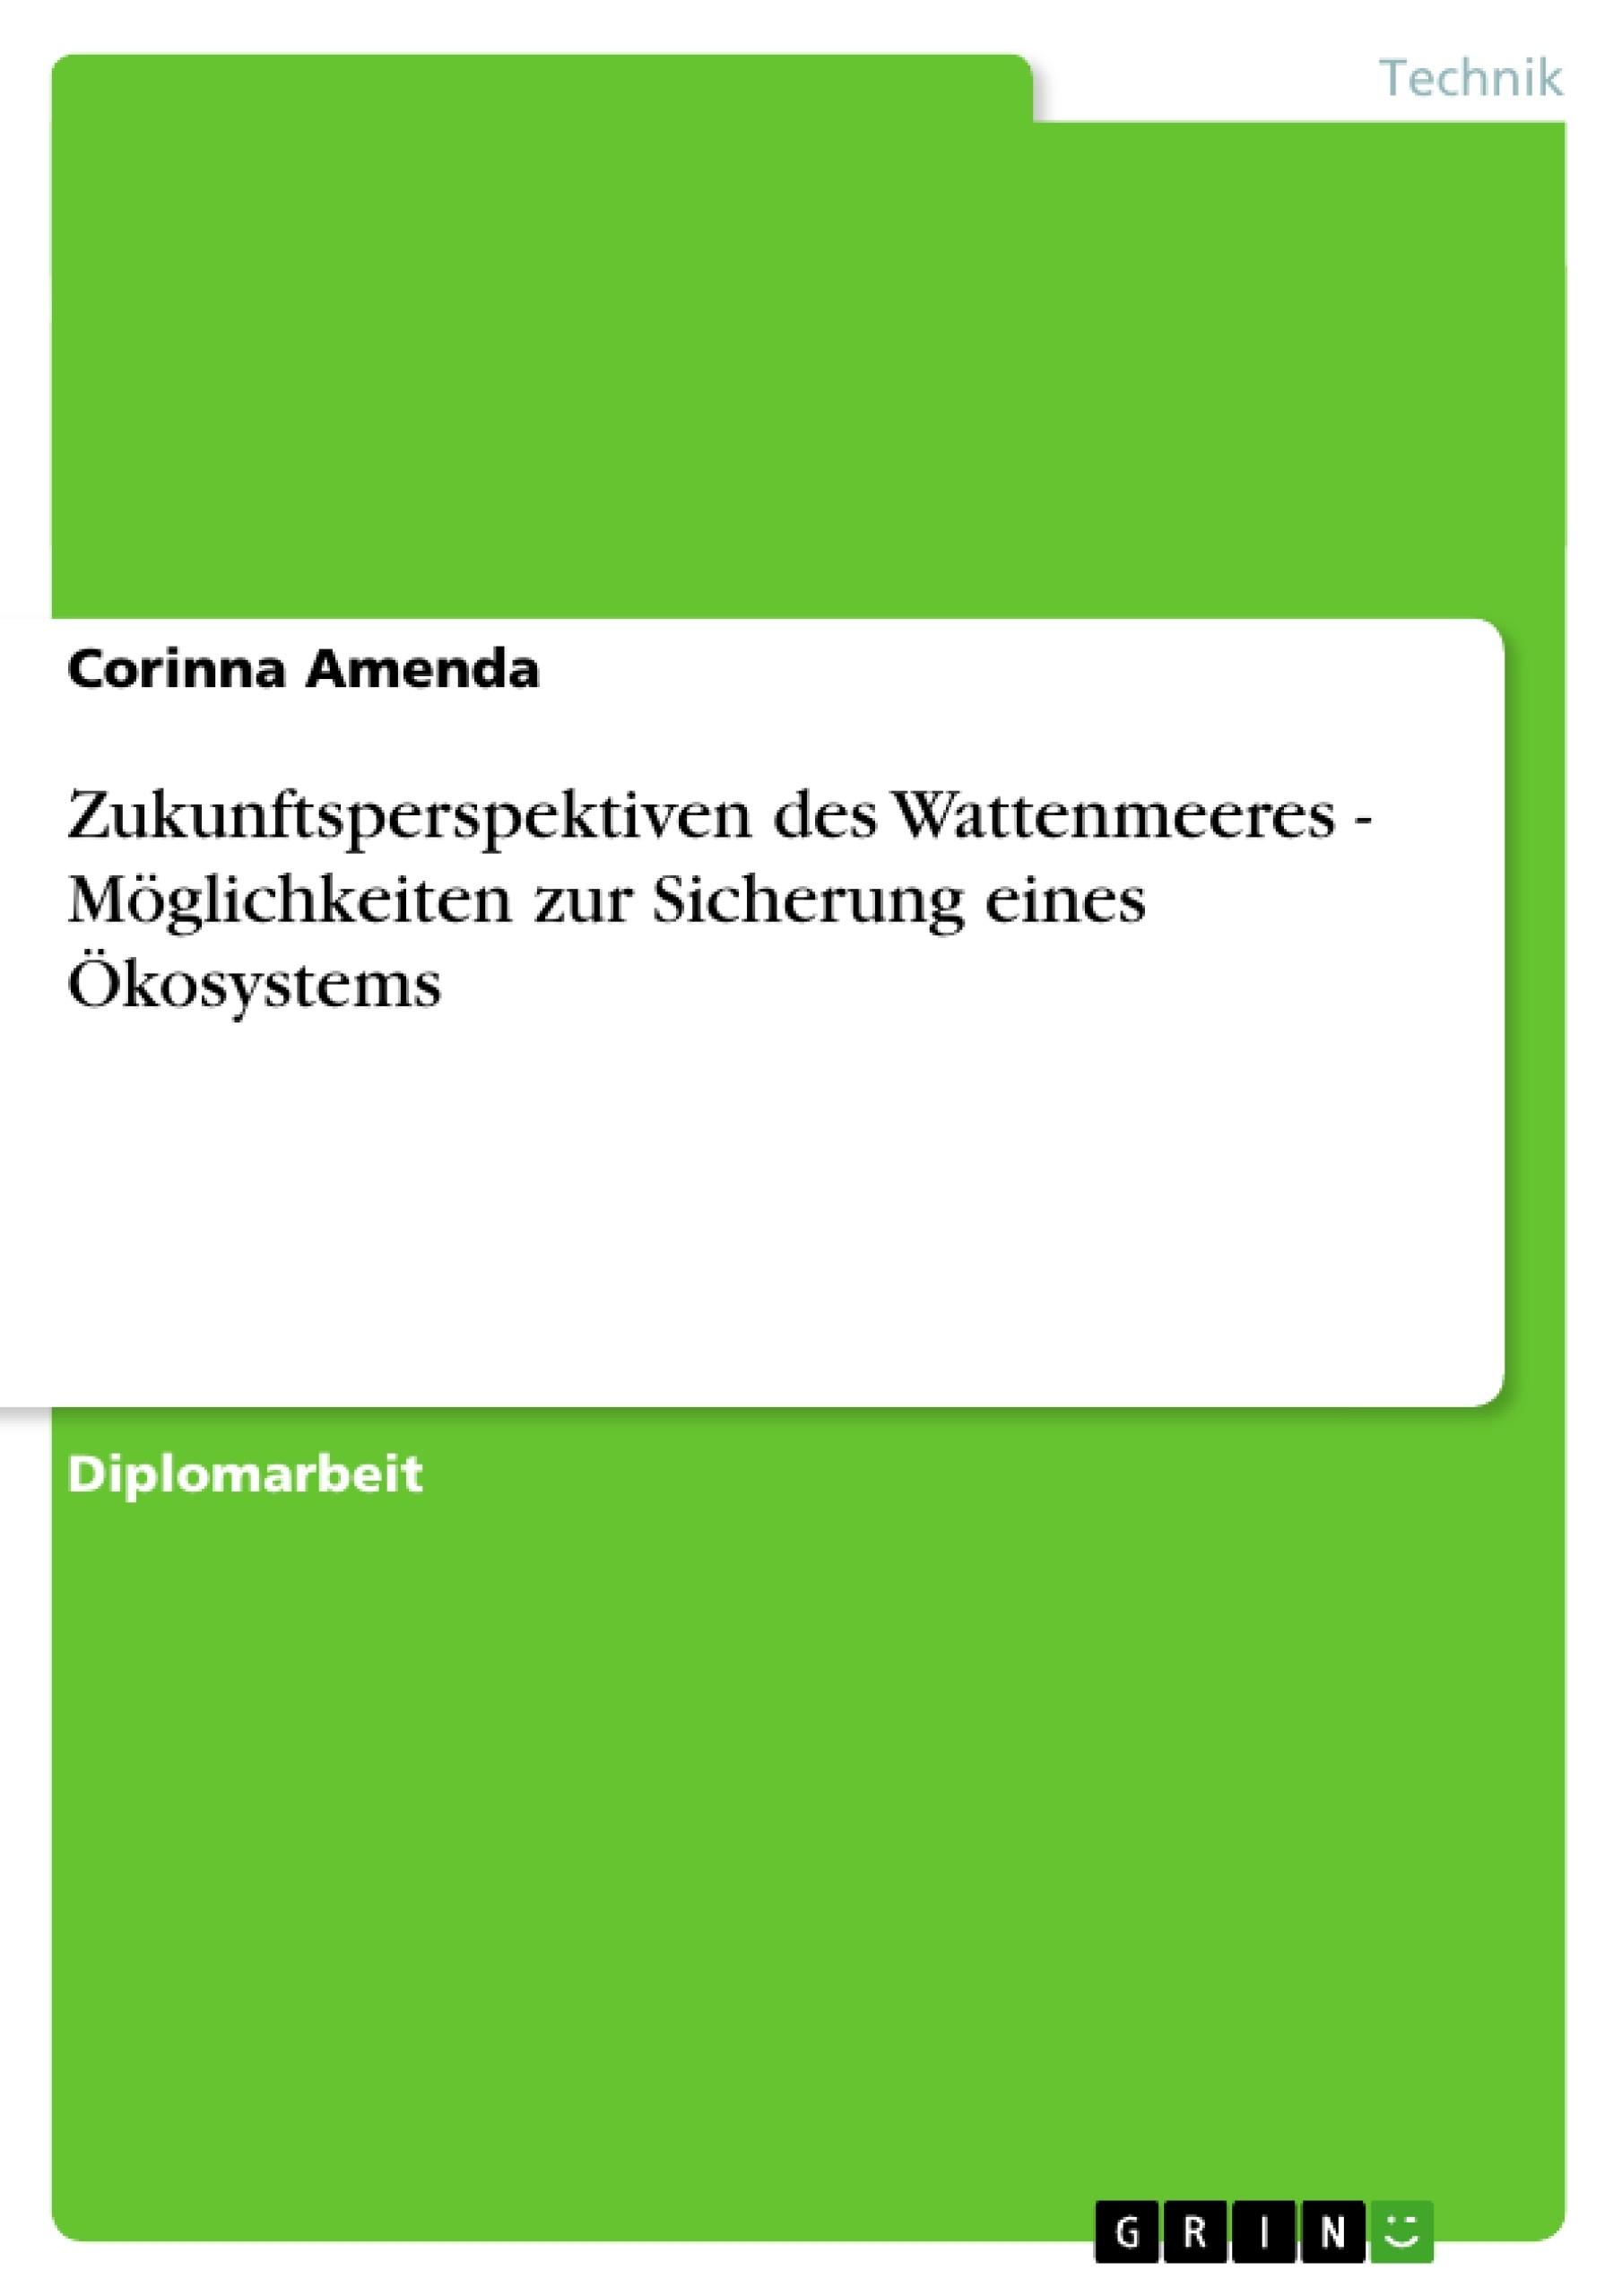 Titel: Zukunftsperspektiven des Wattenmeeres - Möglichkeiten zur Sicherung eines Ökosystems